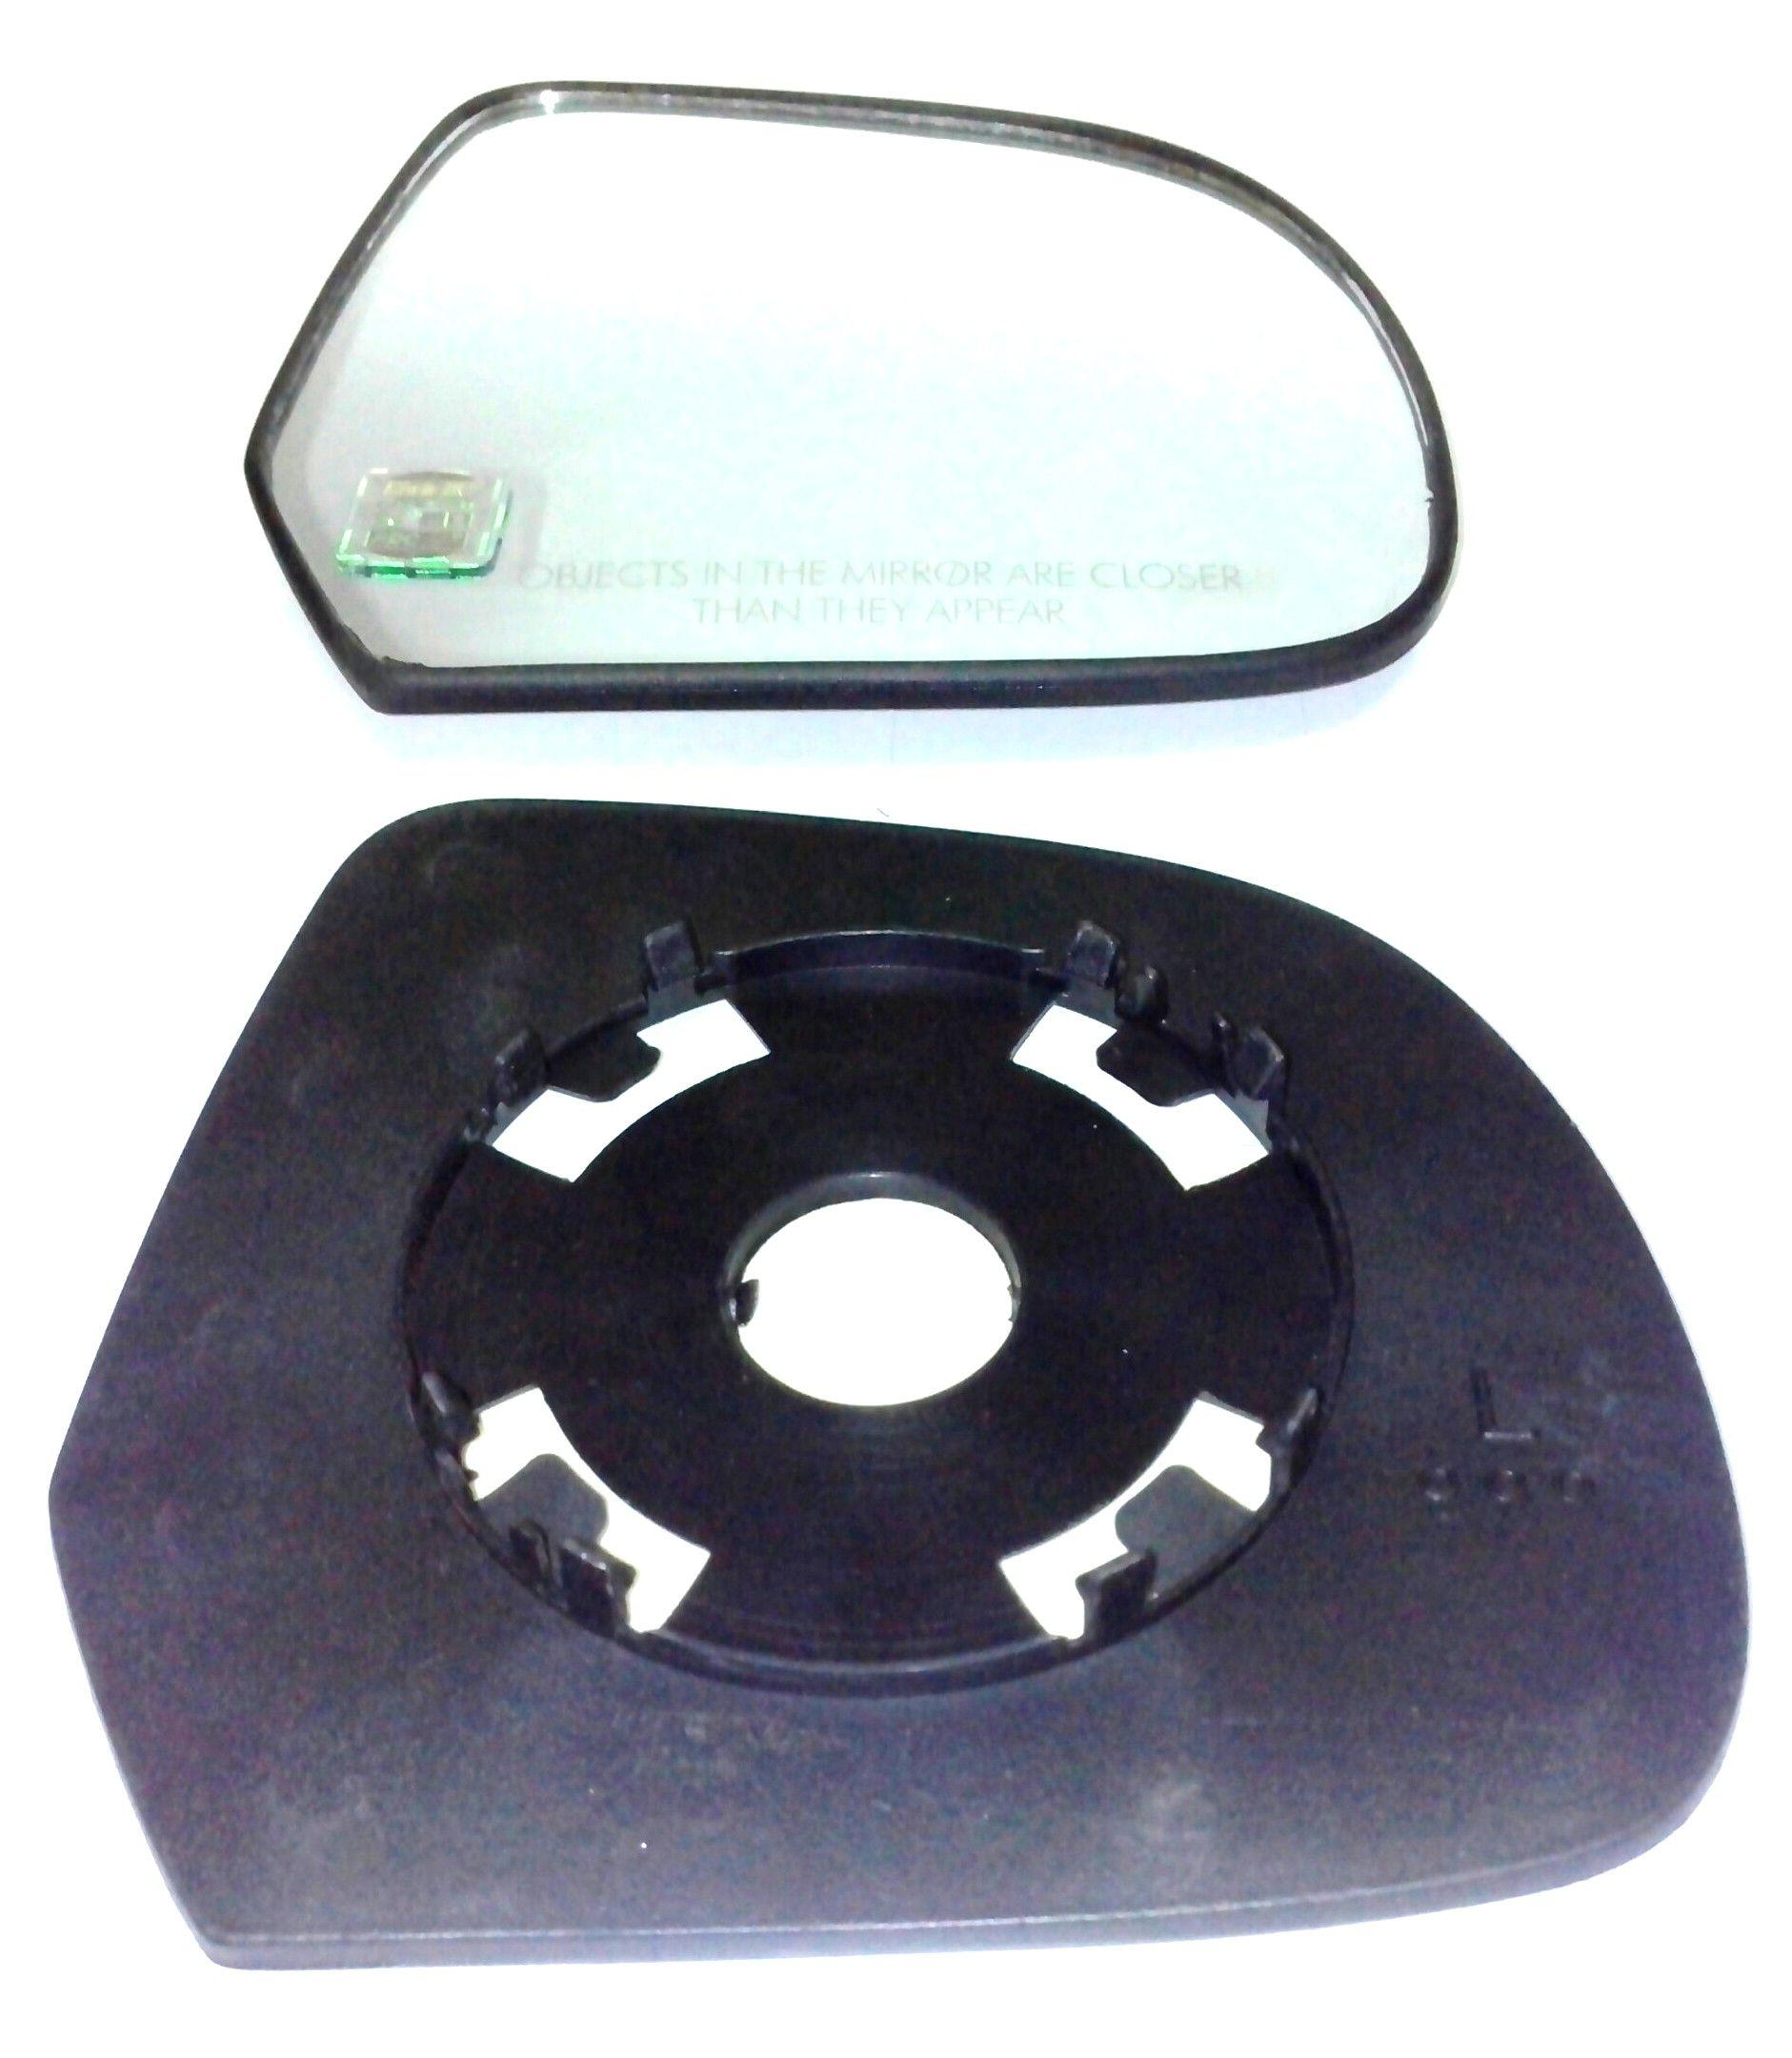 MANTRA-CONVEX MIRROR PLATES (SUB MIRROR PLATES) FOR MARUTI ZEN ESTILO K SERIES RIGHT SIDE